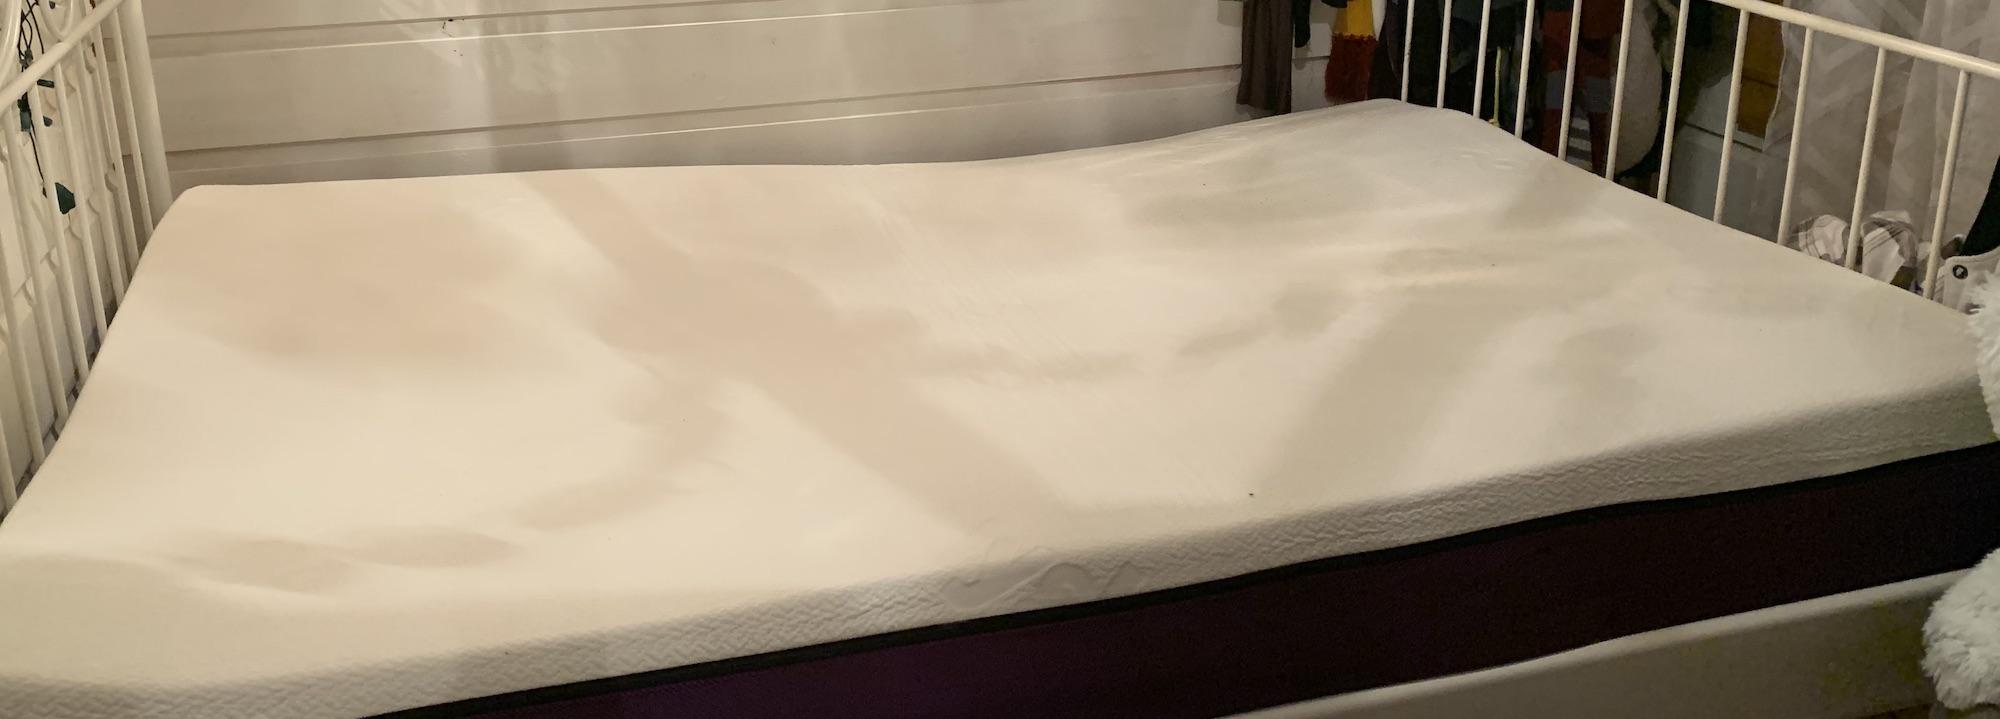 mattress unboxing